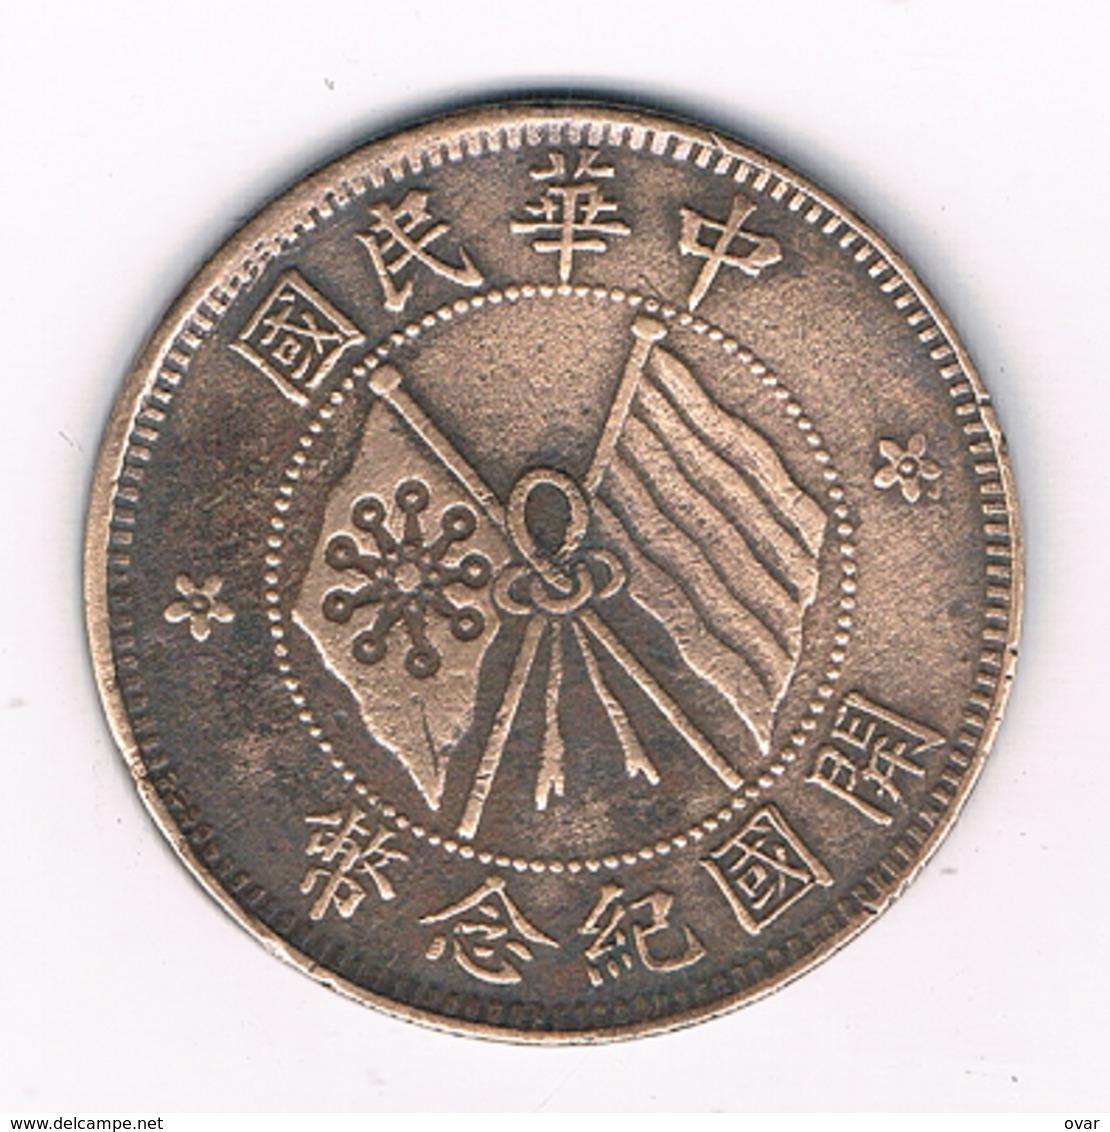 10  CASH HUNAN ? CHINA /3116G/ - Chine